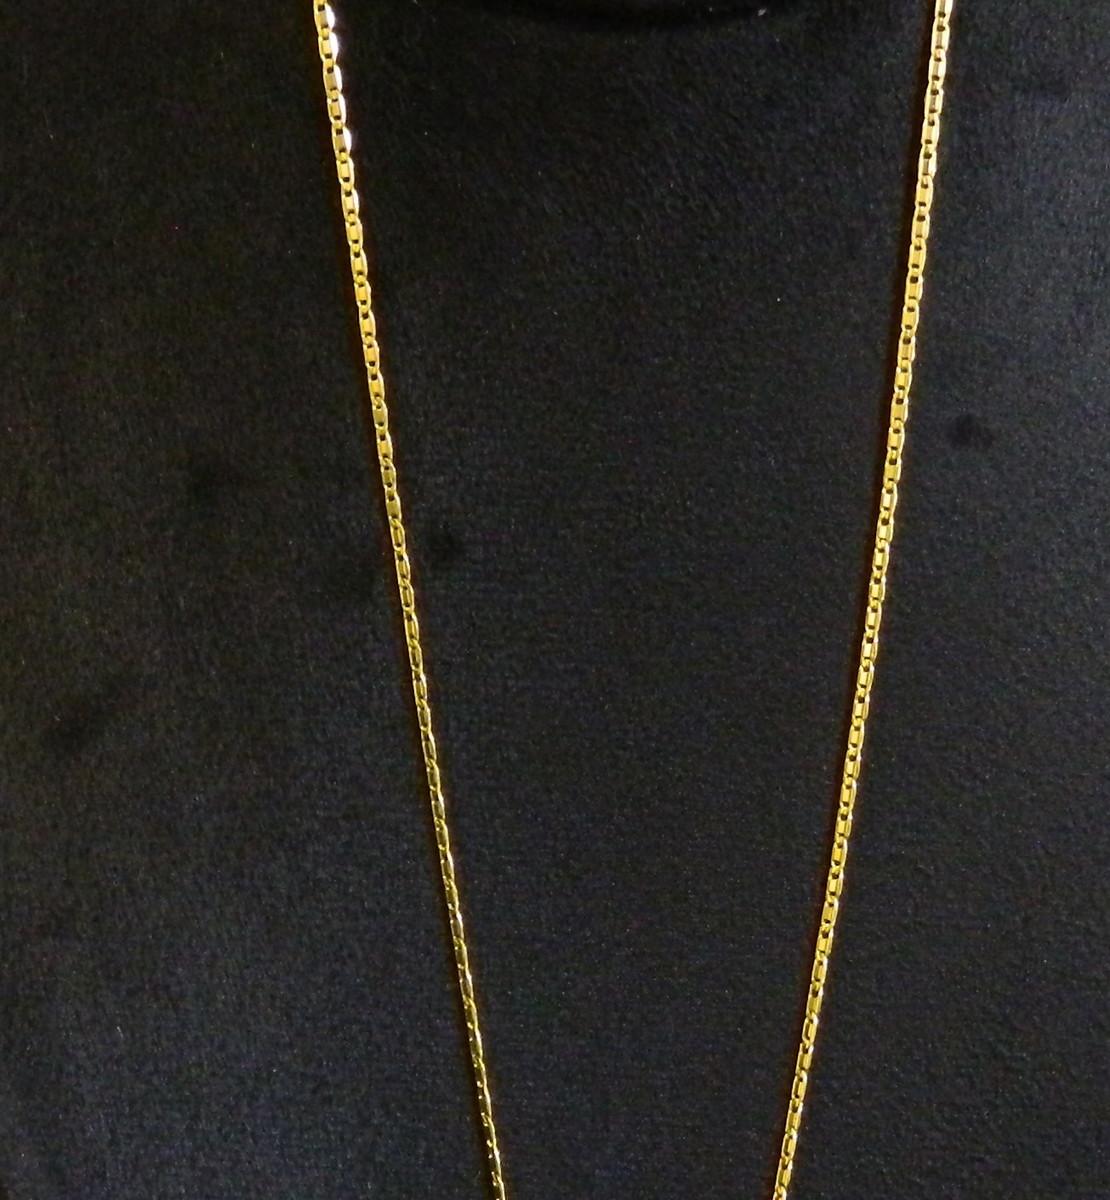 60f7aa5949ad5 Corrente Cordão Piastrine + Garantia no Elo7   MMR Artesanatos (9E78CE)